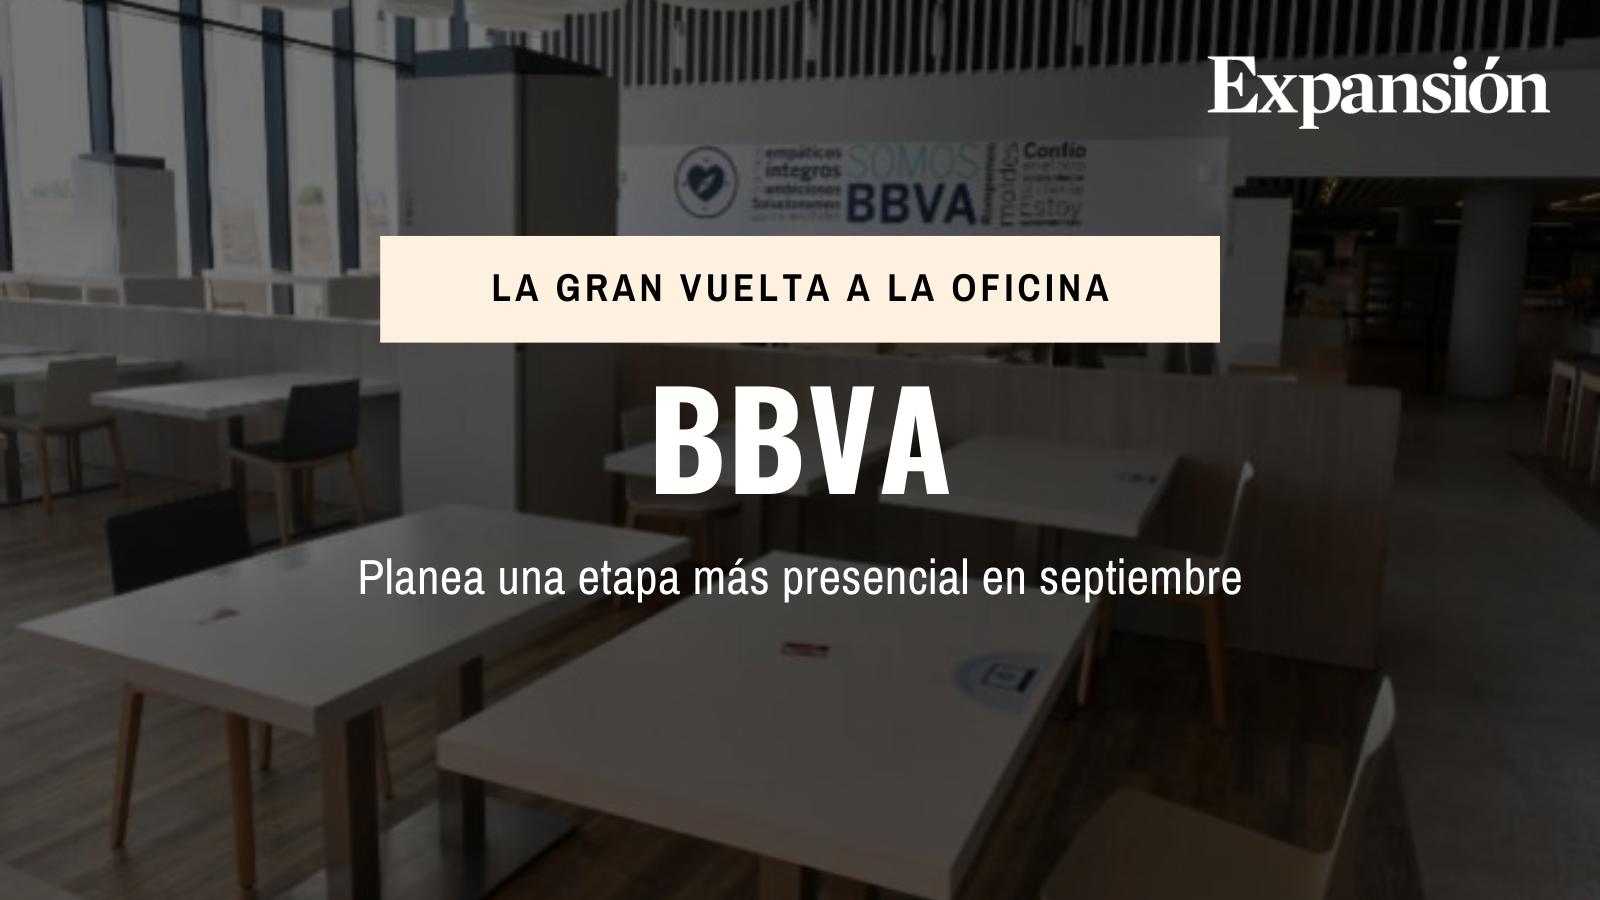 BBVA planea una etapa más presencial en septiembre